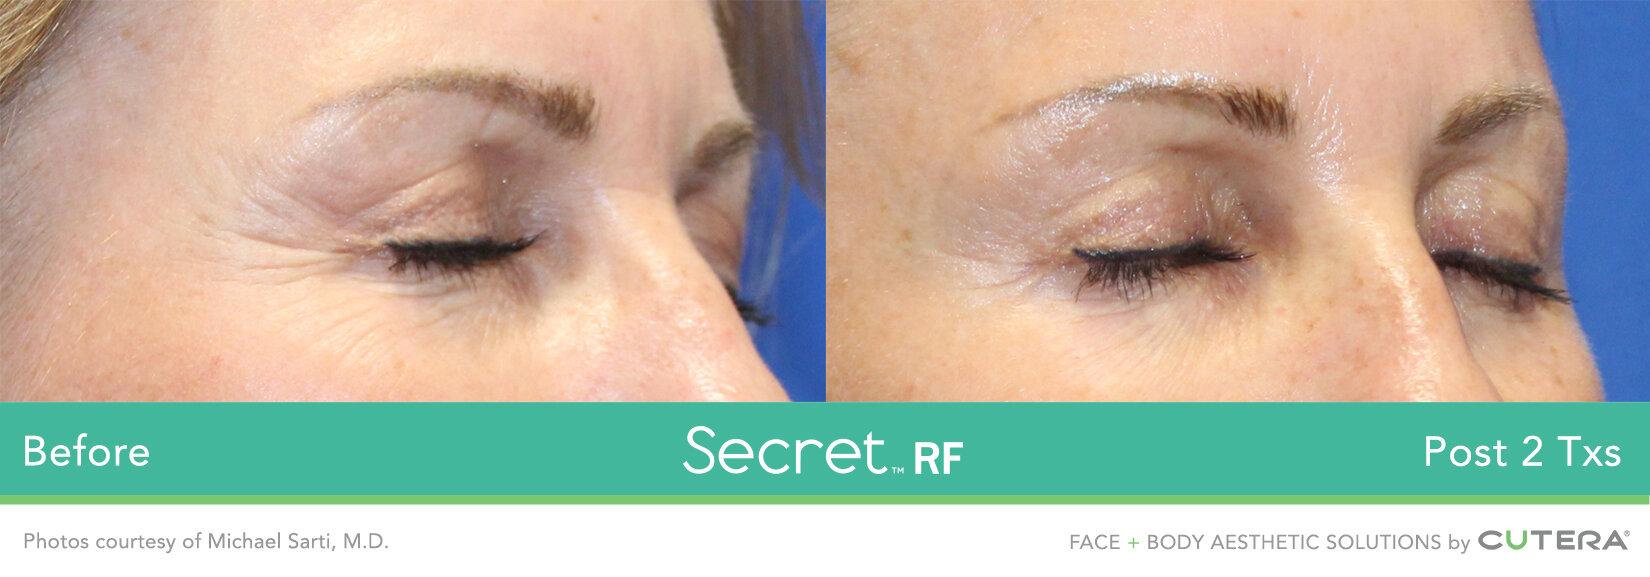 Secret-RF-11.jpg